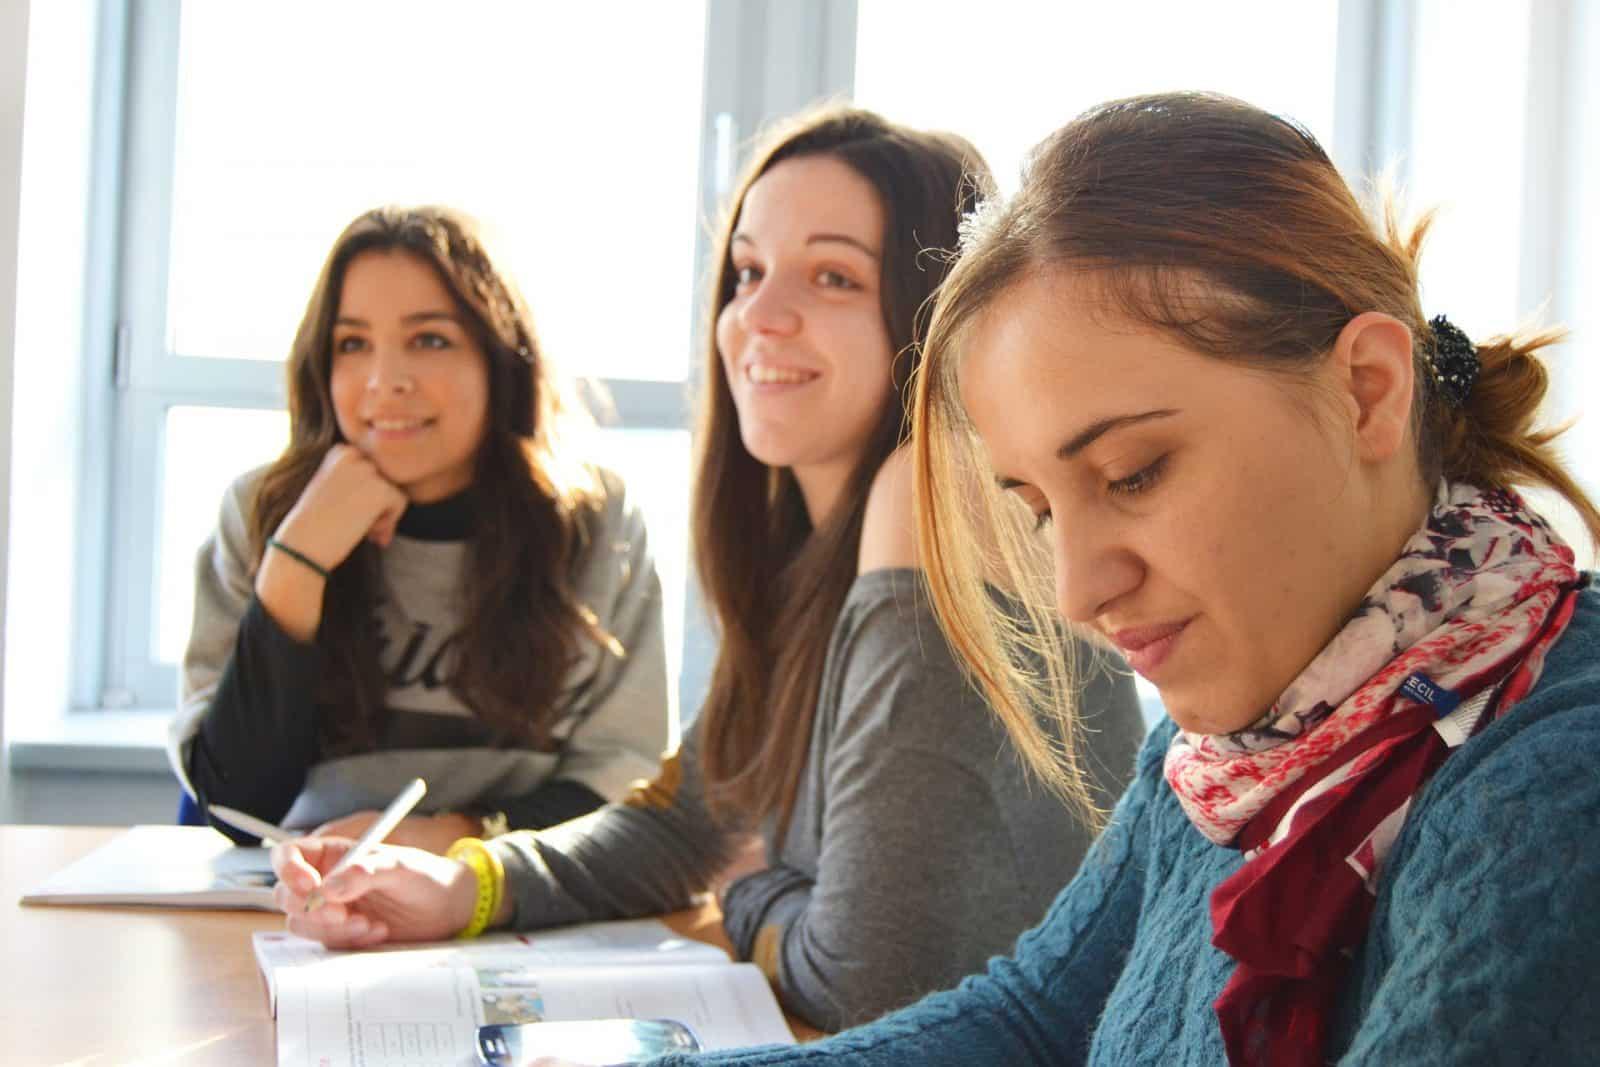 Les 5 questions à se poser pour bien choisir son stage de fin d'études